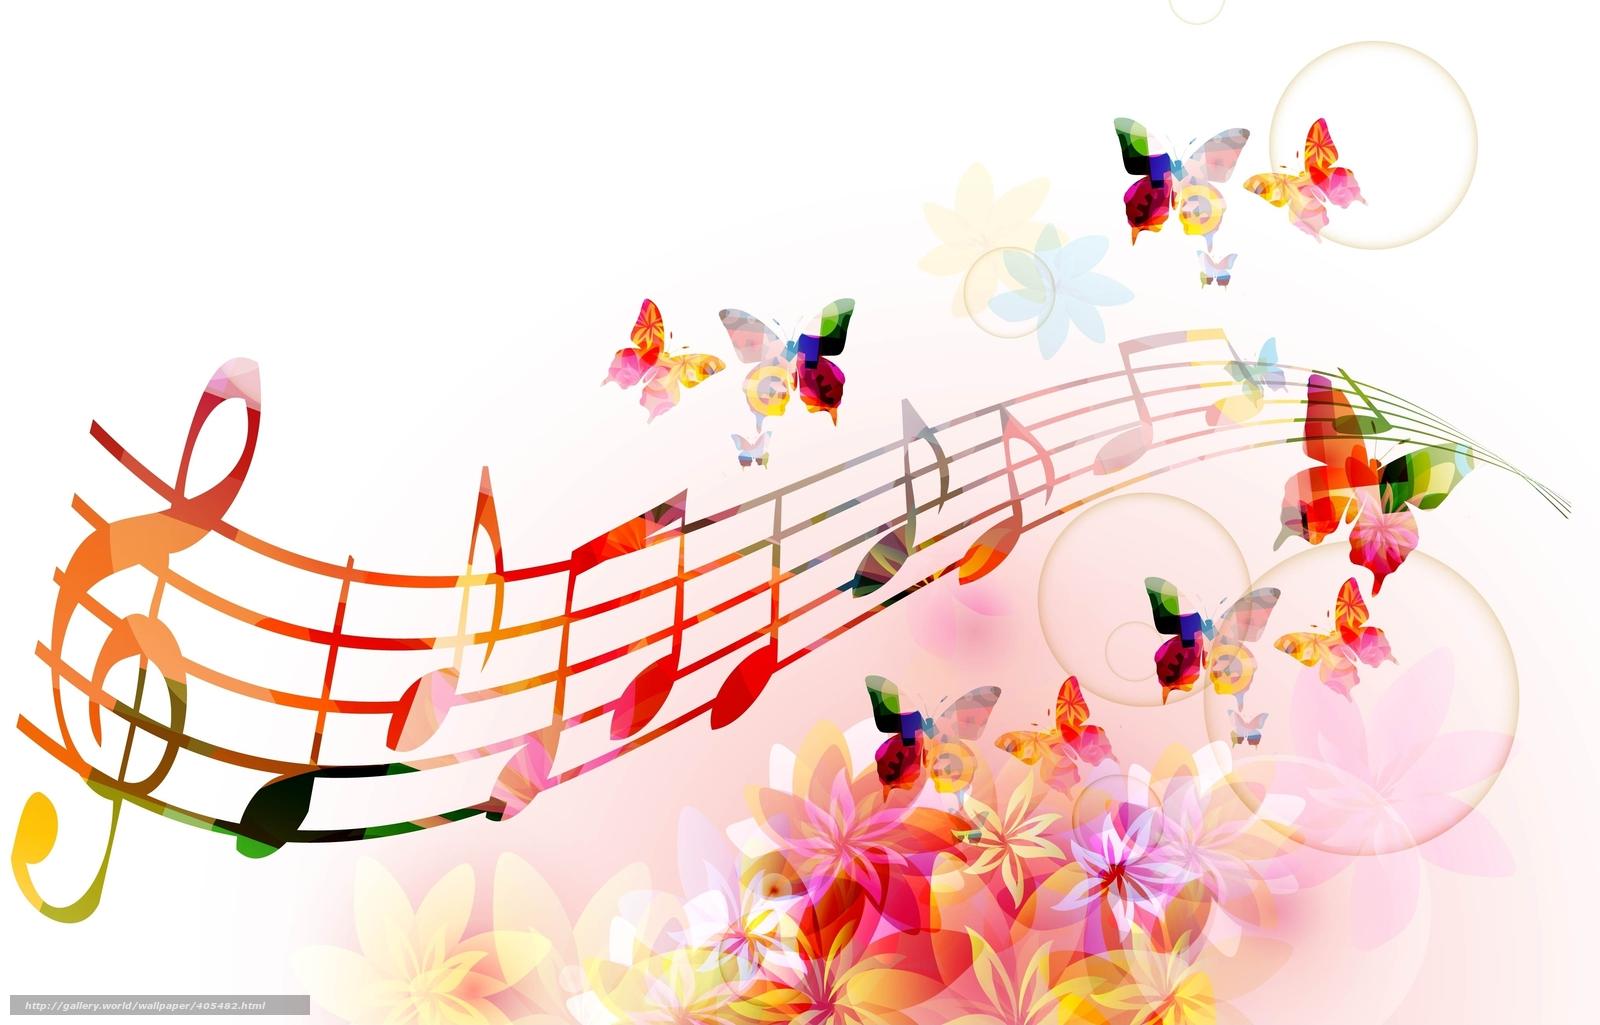 Scaricare gli sfondi musica fiori farfalle sfondi gratis for Sfondi farfalle gratis